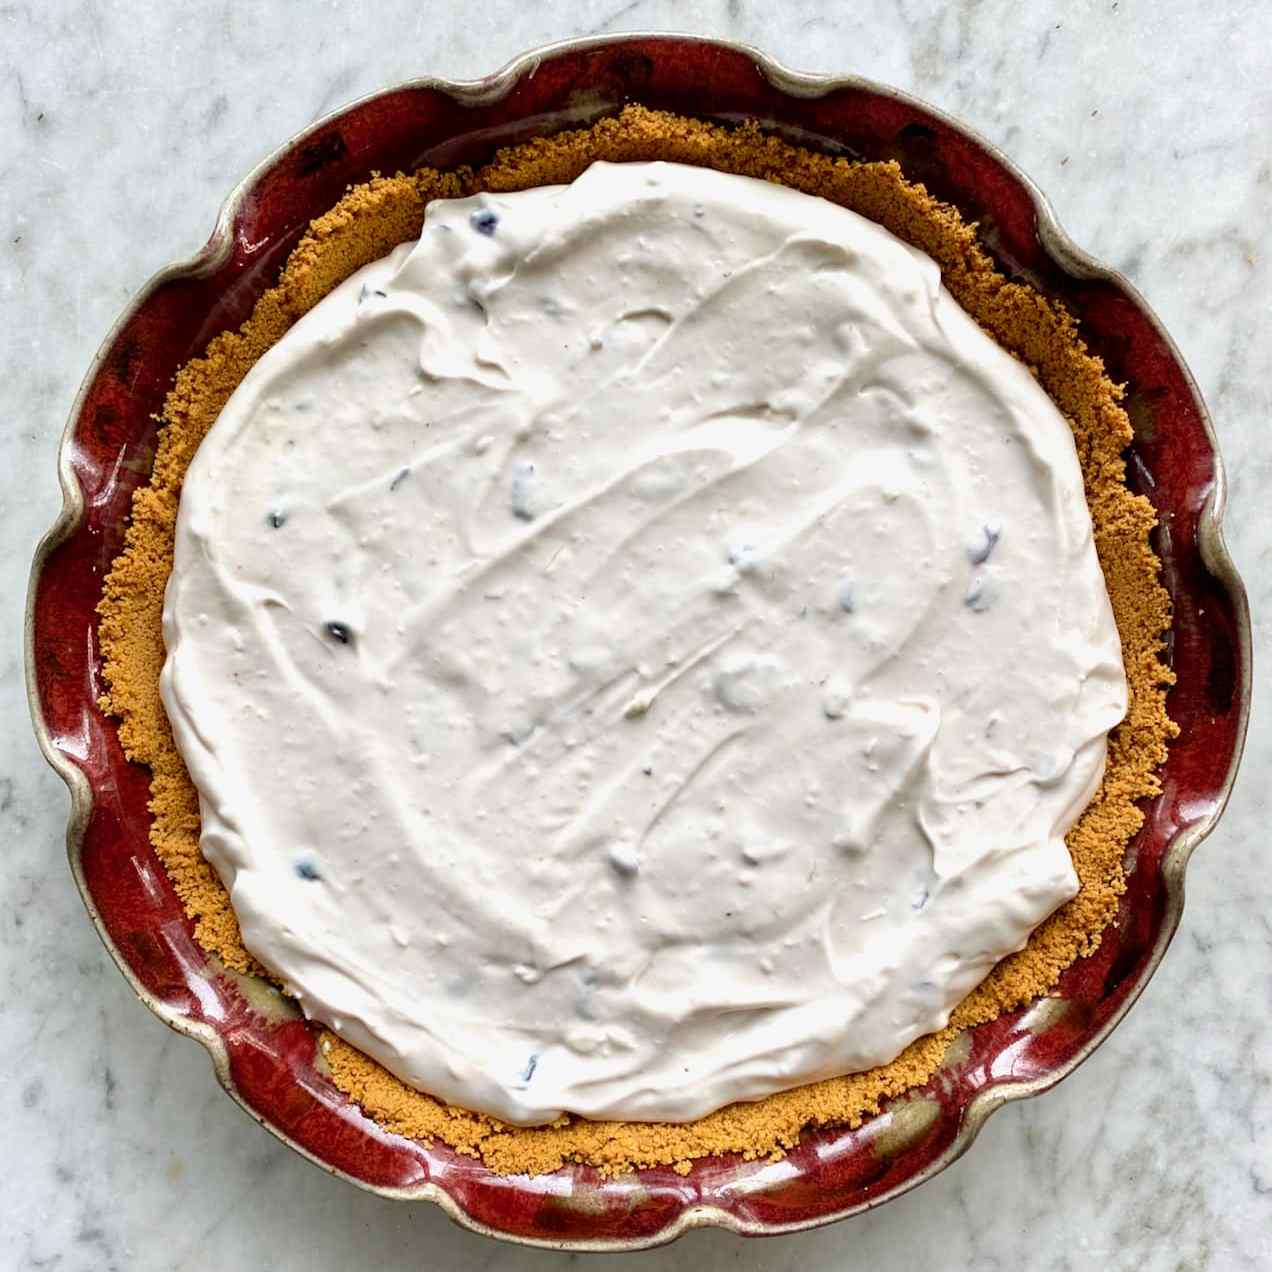 lemon blueberry pie in a graham cracker crust